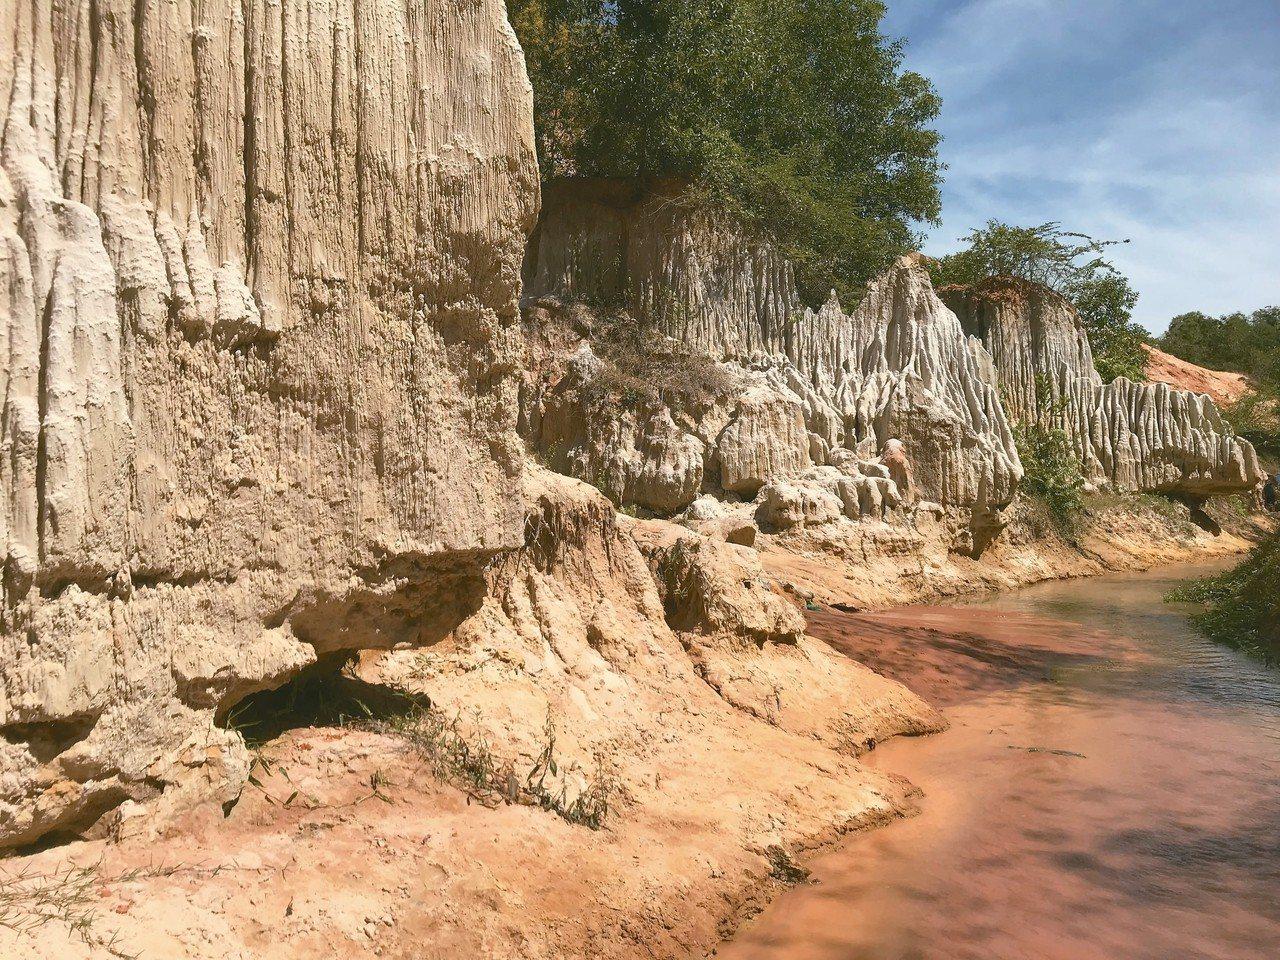 仙女溪景觀多變,這段彷如美國西部,溪水相當淺,可以打赤腳行走,陶冶在大自然中。 ...